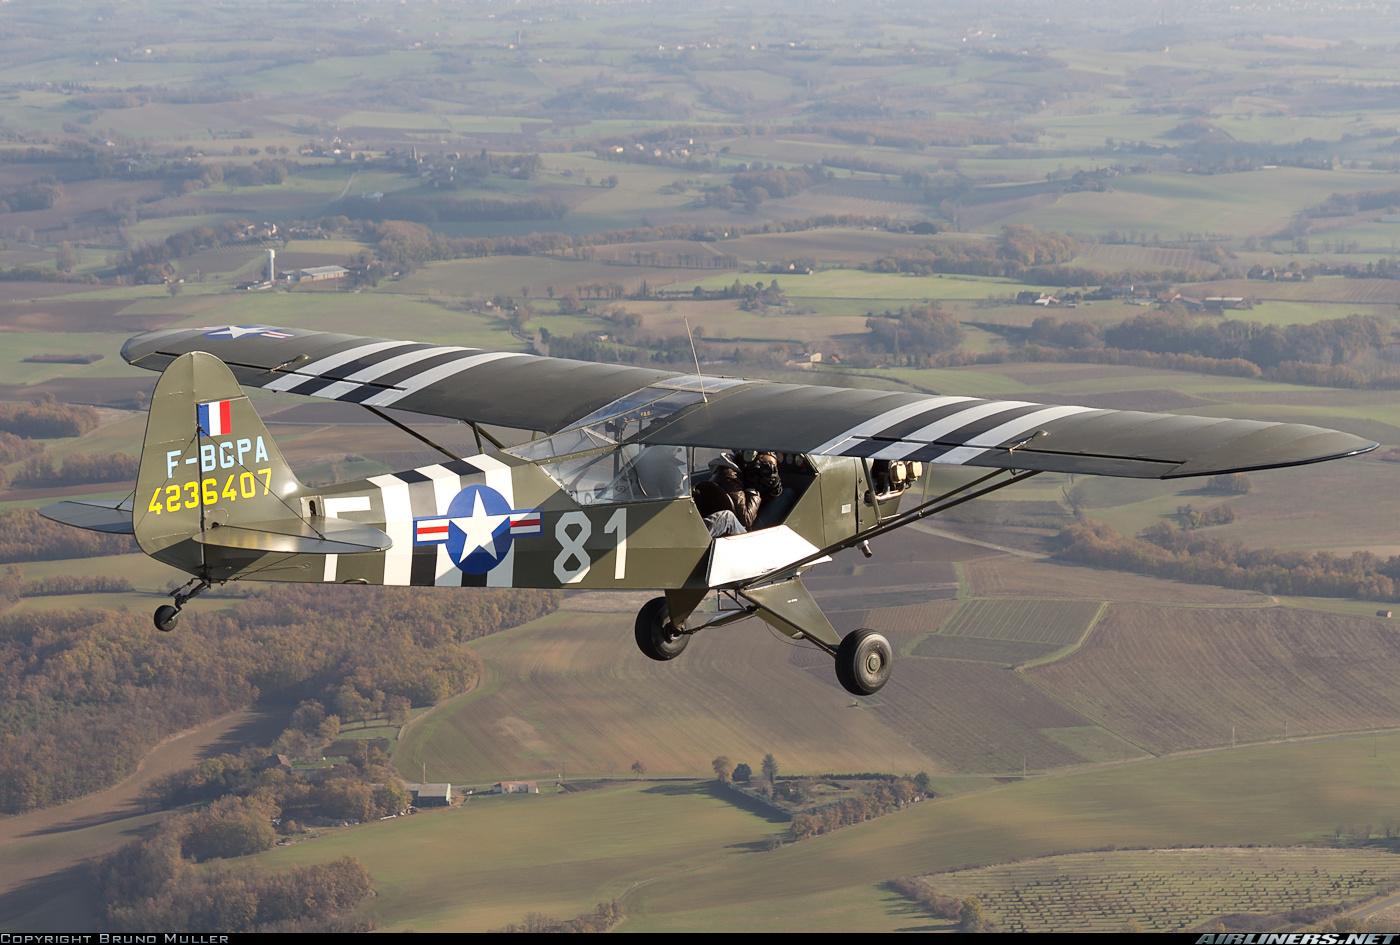 Le Piper L4